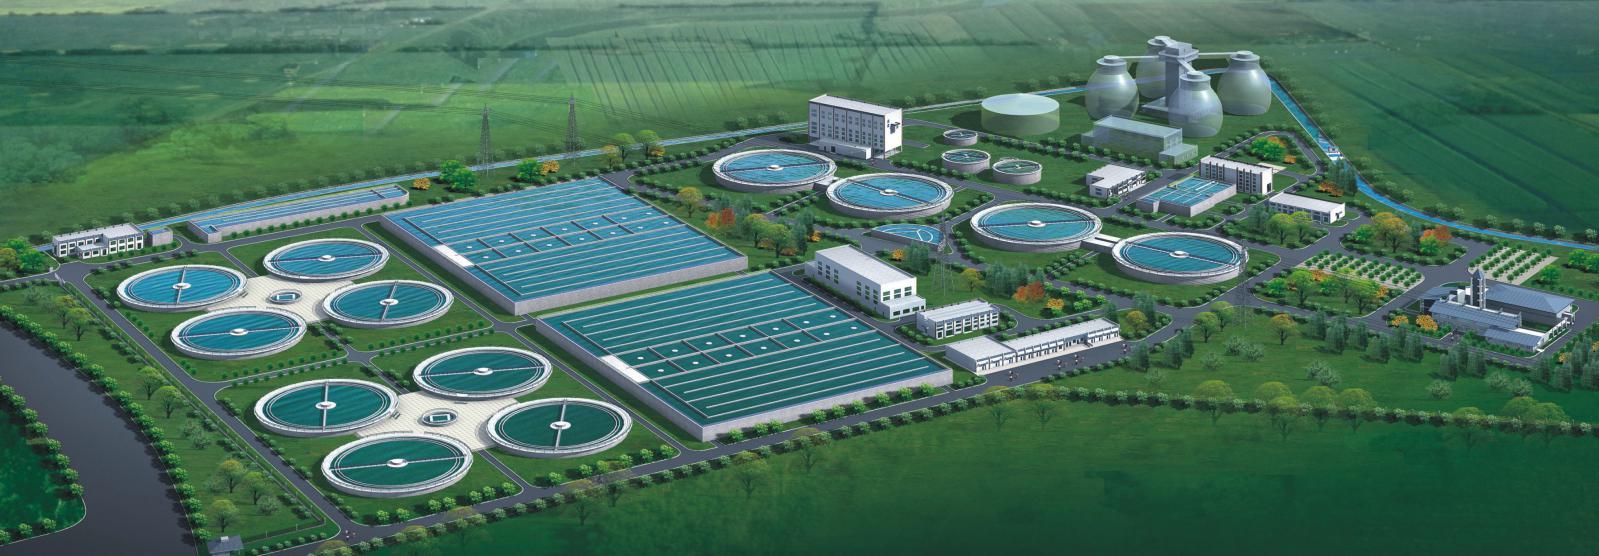 GPRS DTU在水质环境监测中的应用